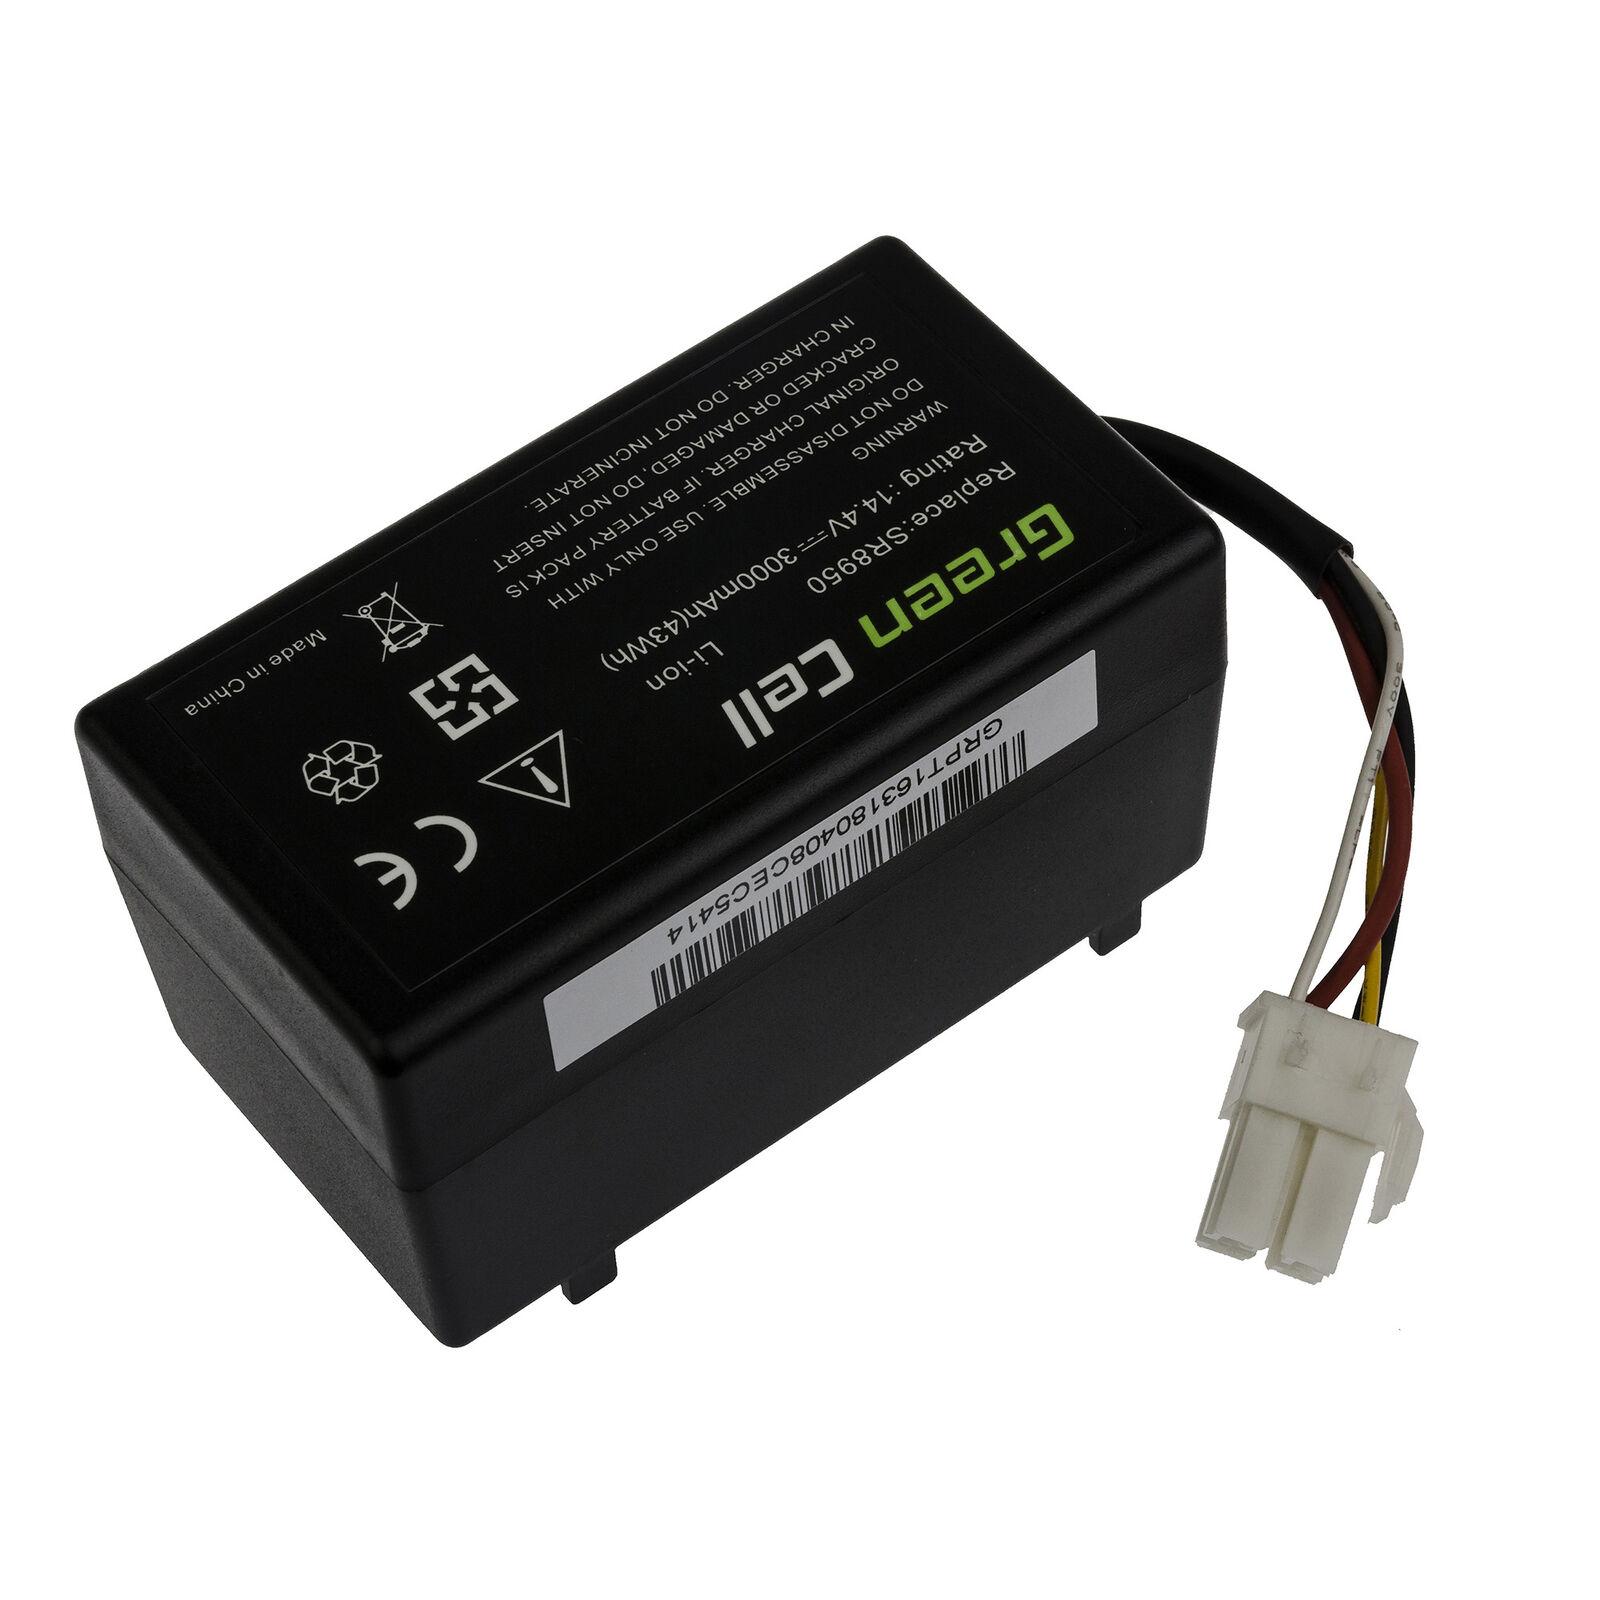 Bateria para Samsung NaviBot SR8930 SR8940 SR8980 SR8981 SR8988 14.4V 3Ah